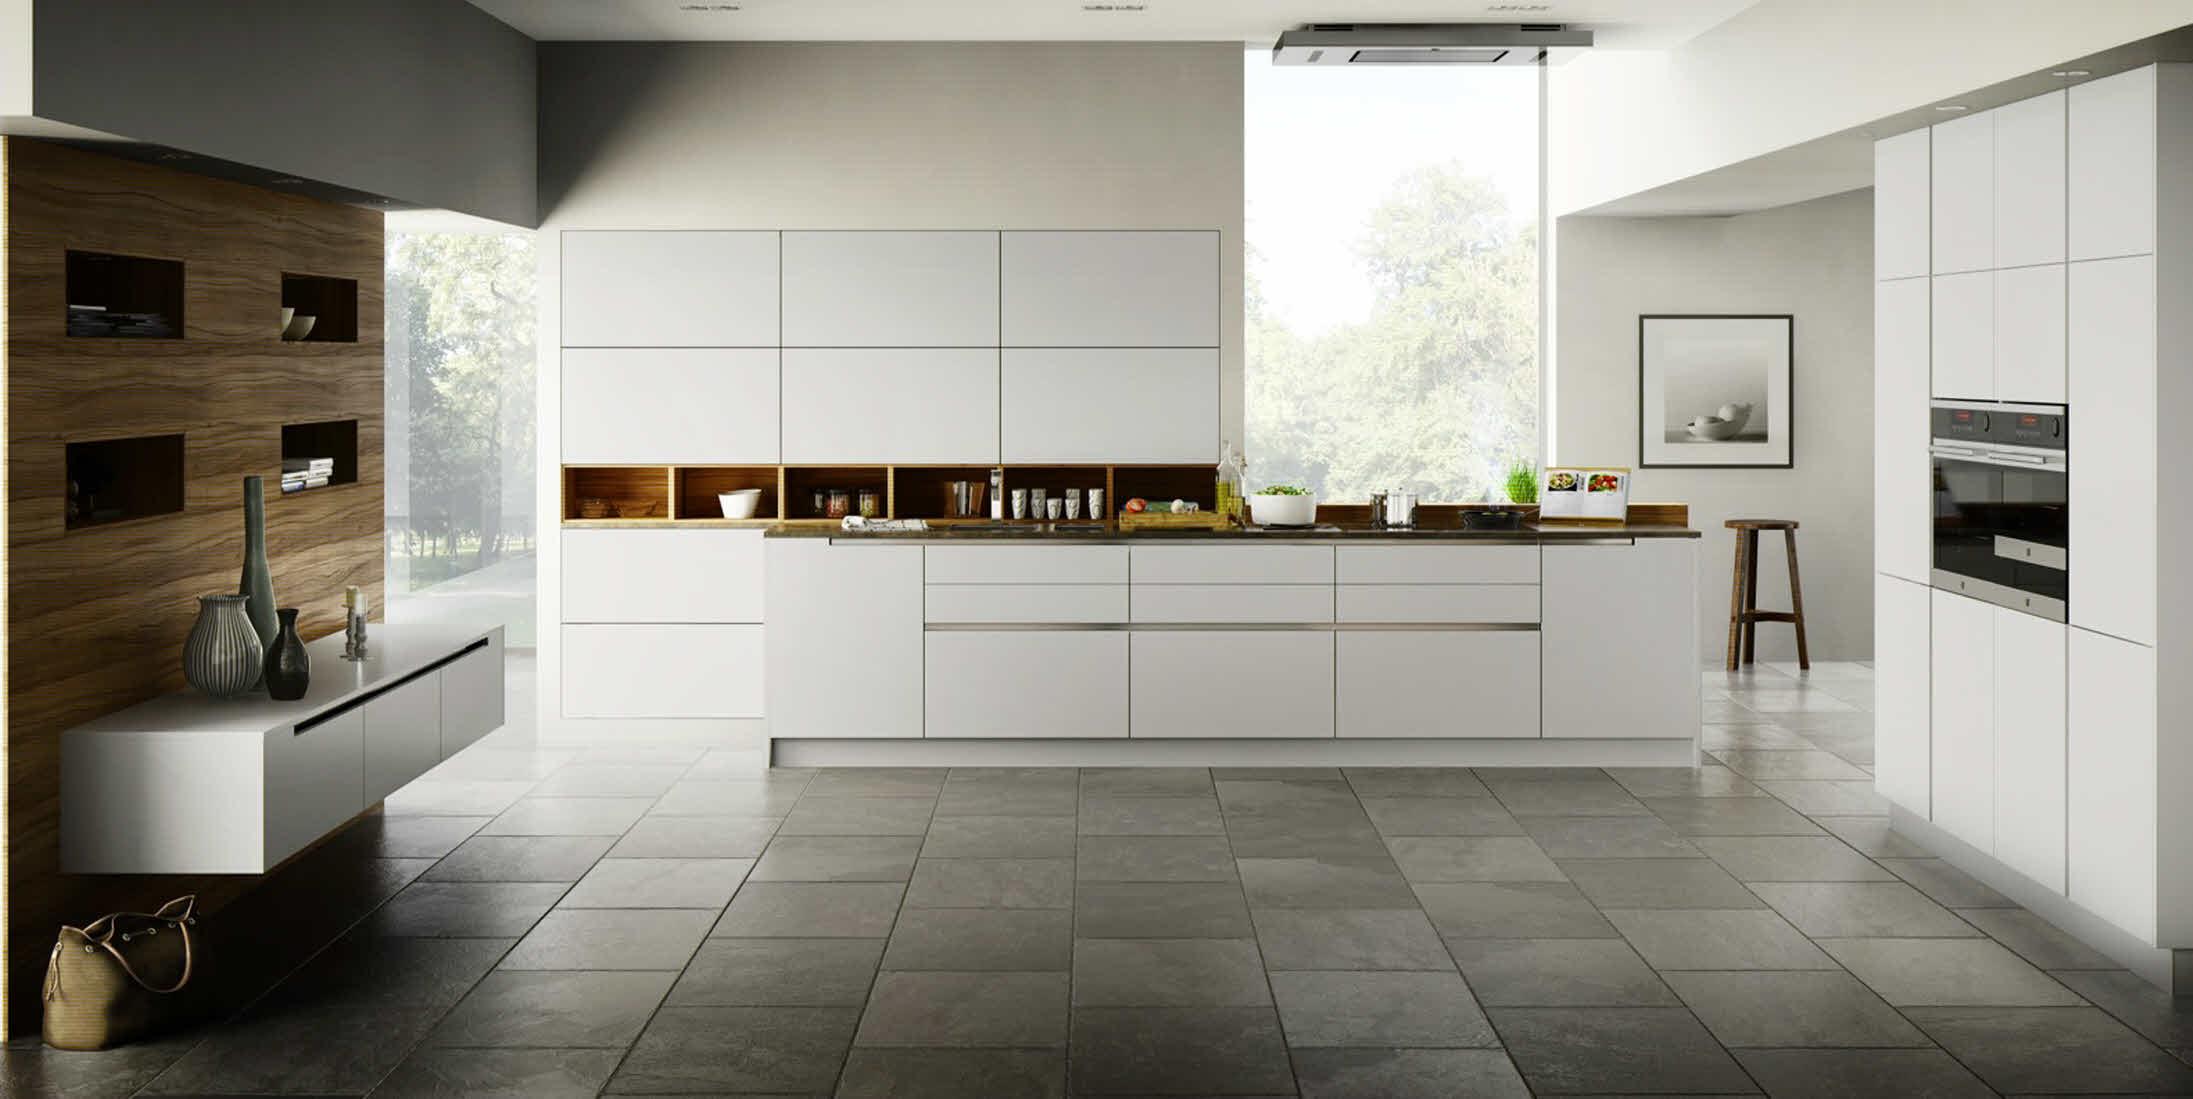 Full Size of Poggenpohl Küchen Goldreif Vs Was Ist Der Unterschied Besser Regal Wohnzimmer Poggenpohl Küchen